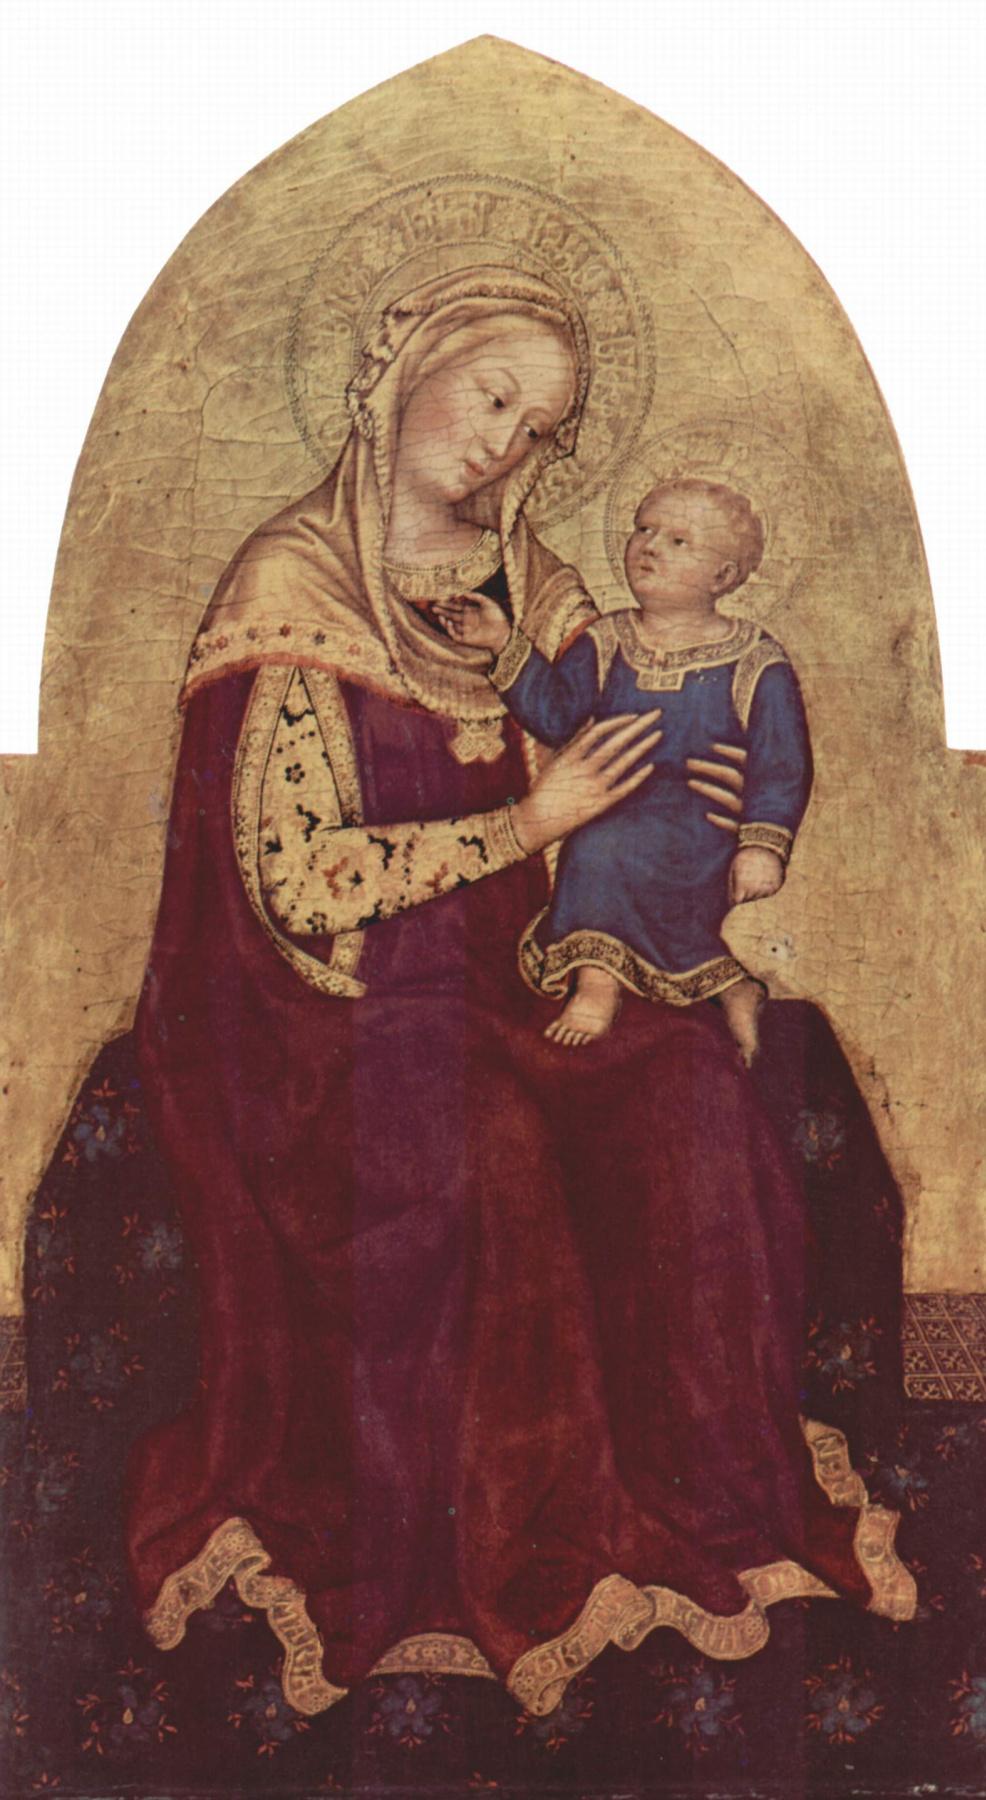 Gentile da Fabriano. Madonna